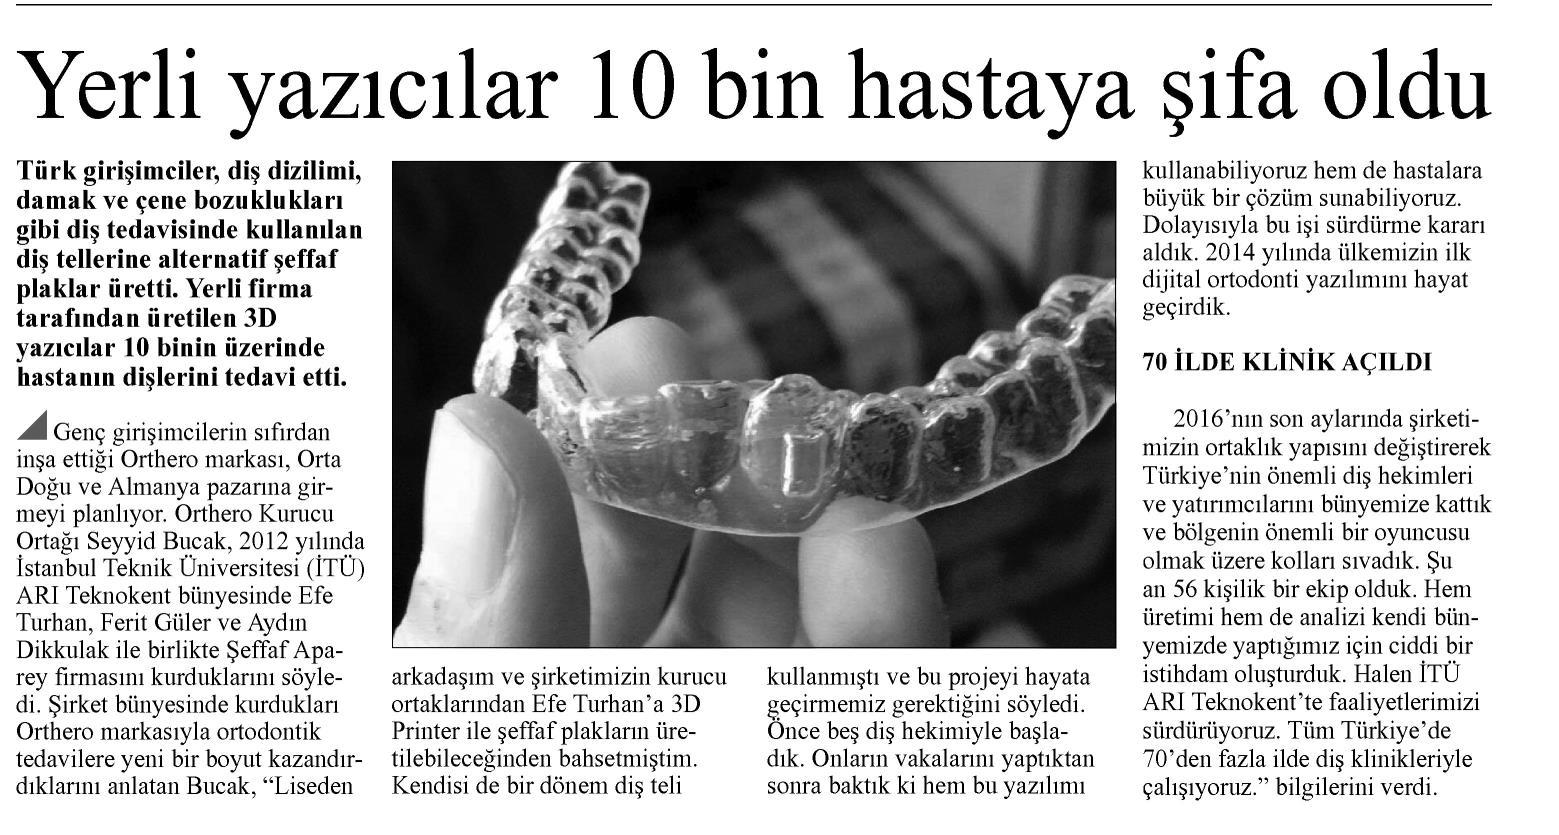 DİRİLİŞ+POSTASI_20180618_16